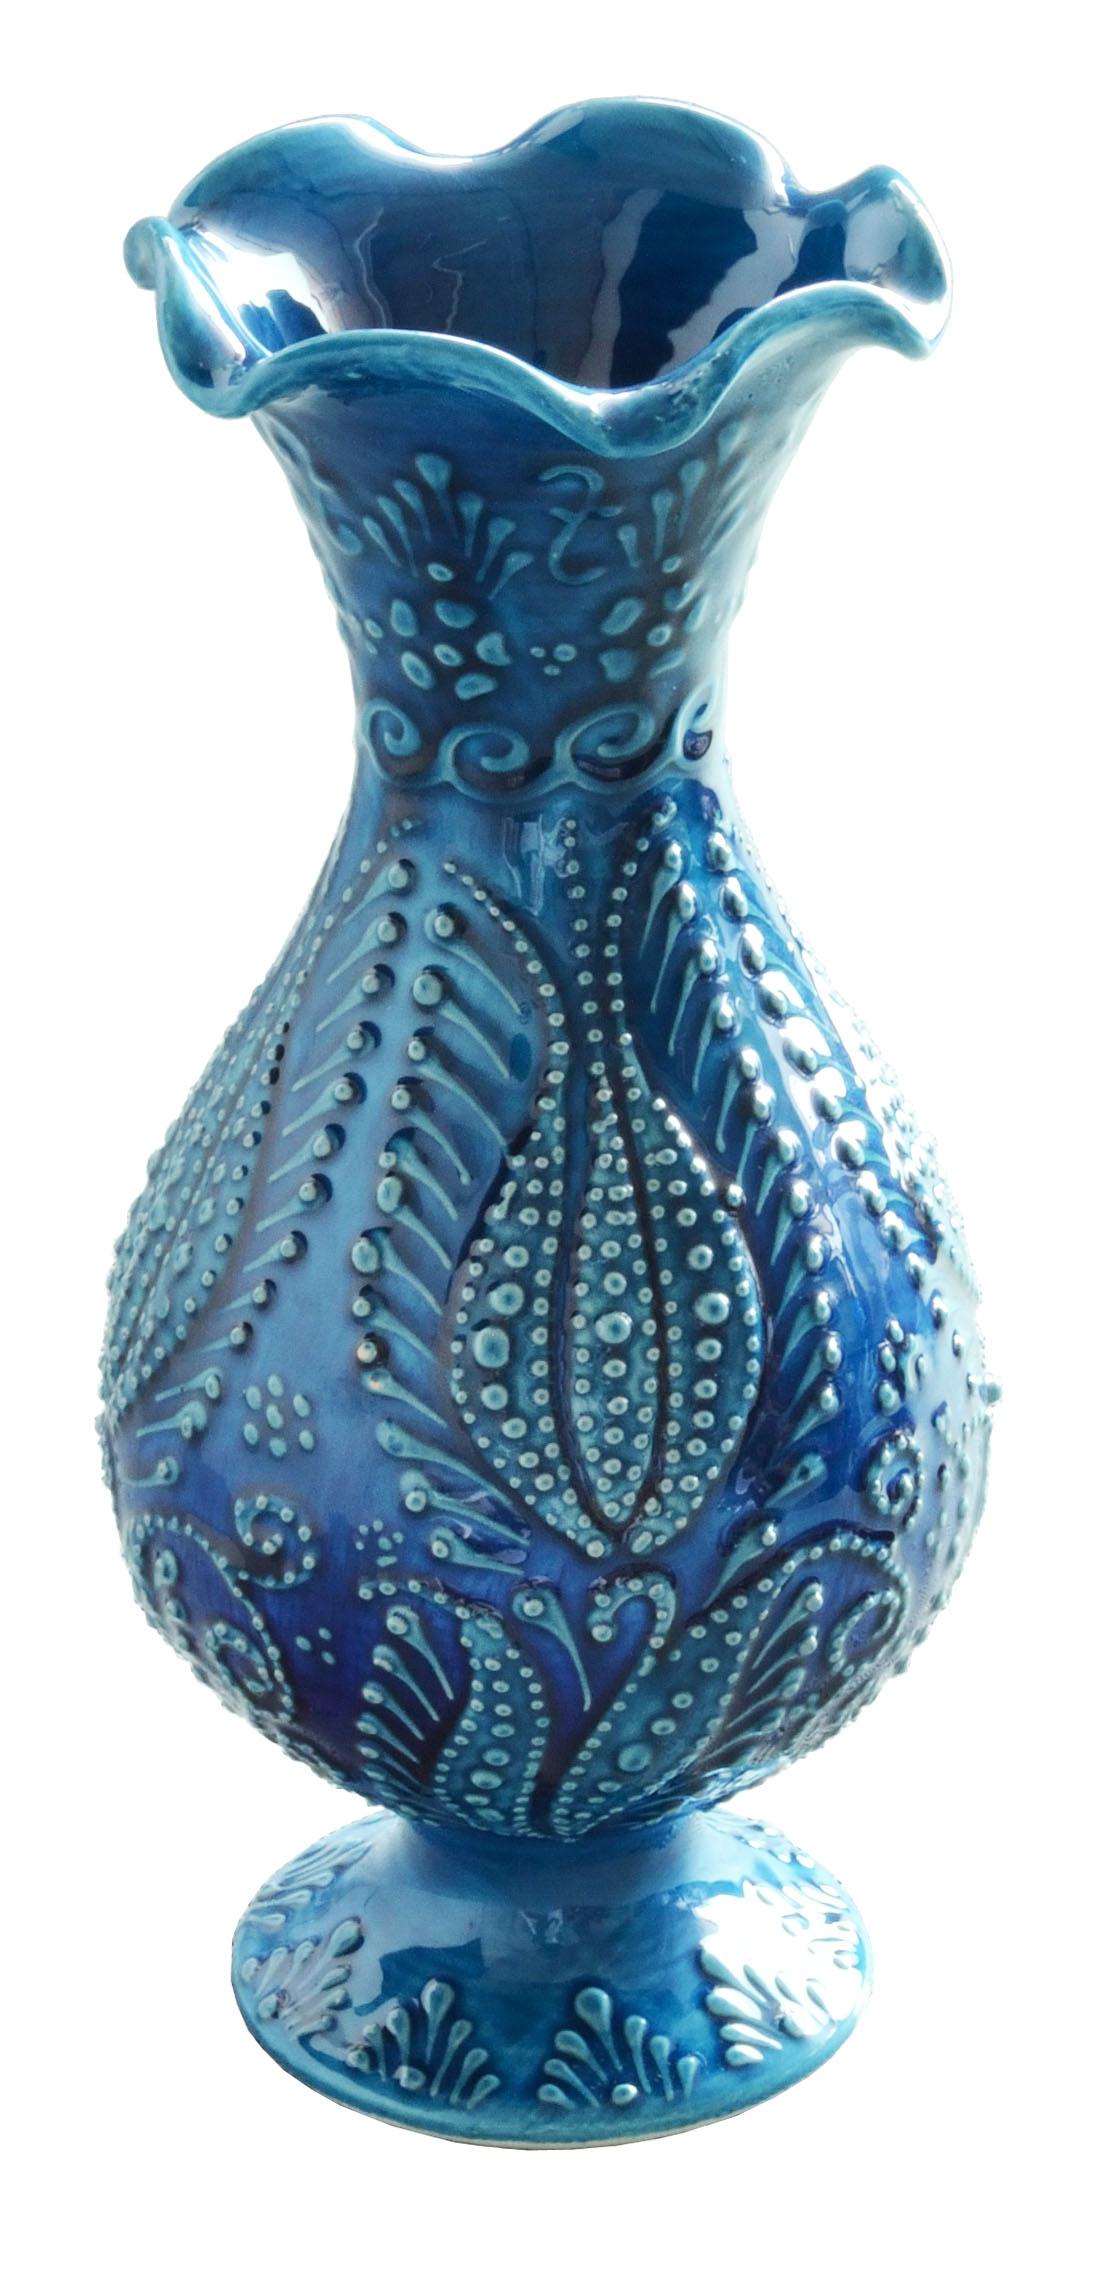 トルコ製陶器 ベースS イスタンブールブルー <br>No.81516